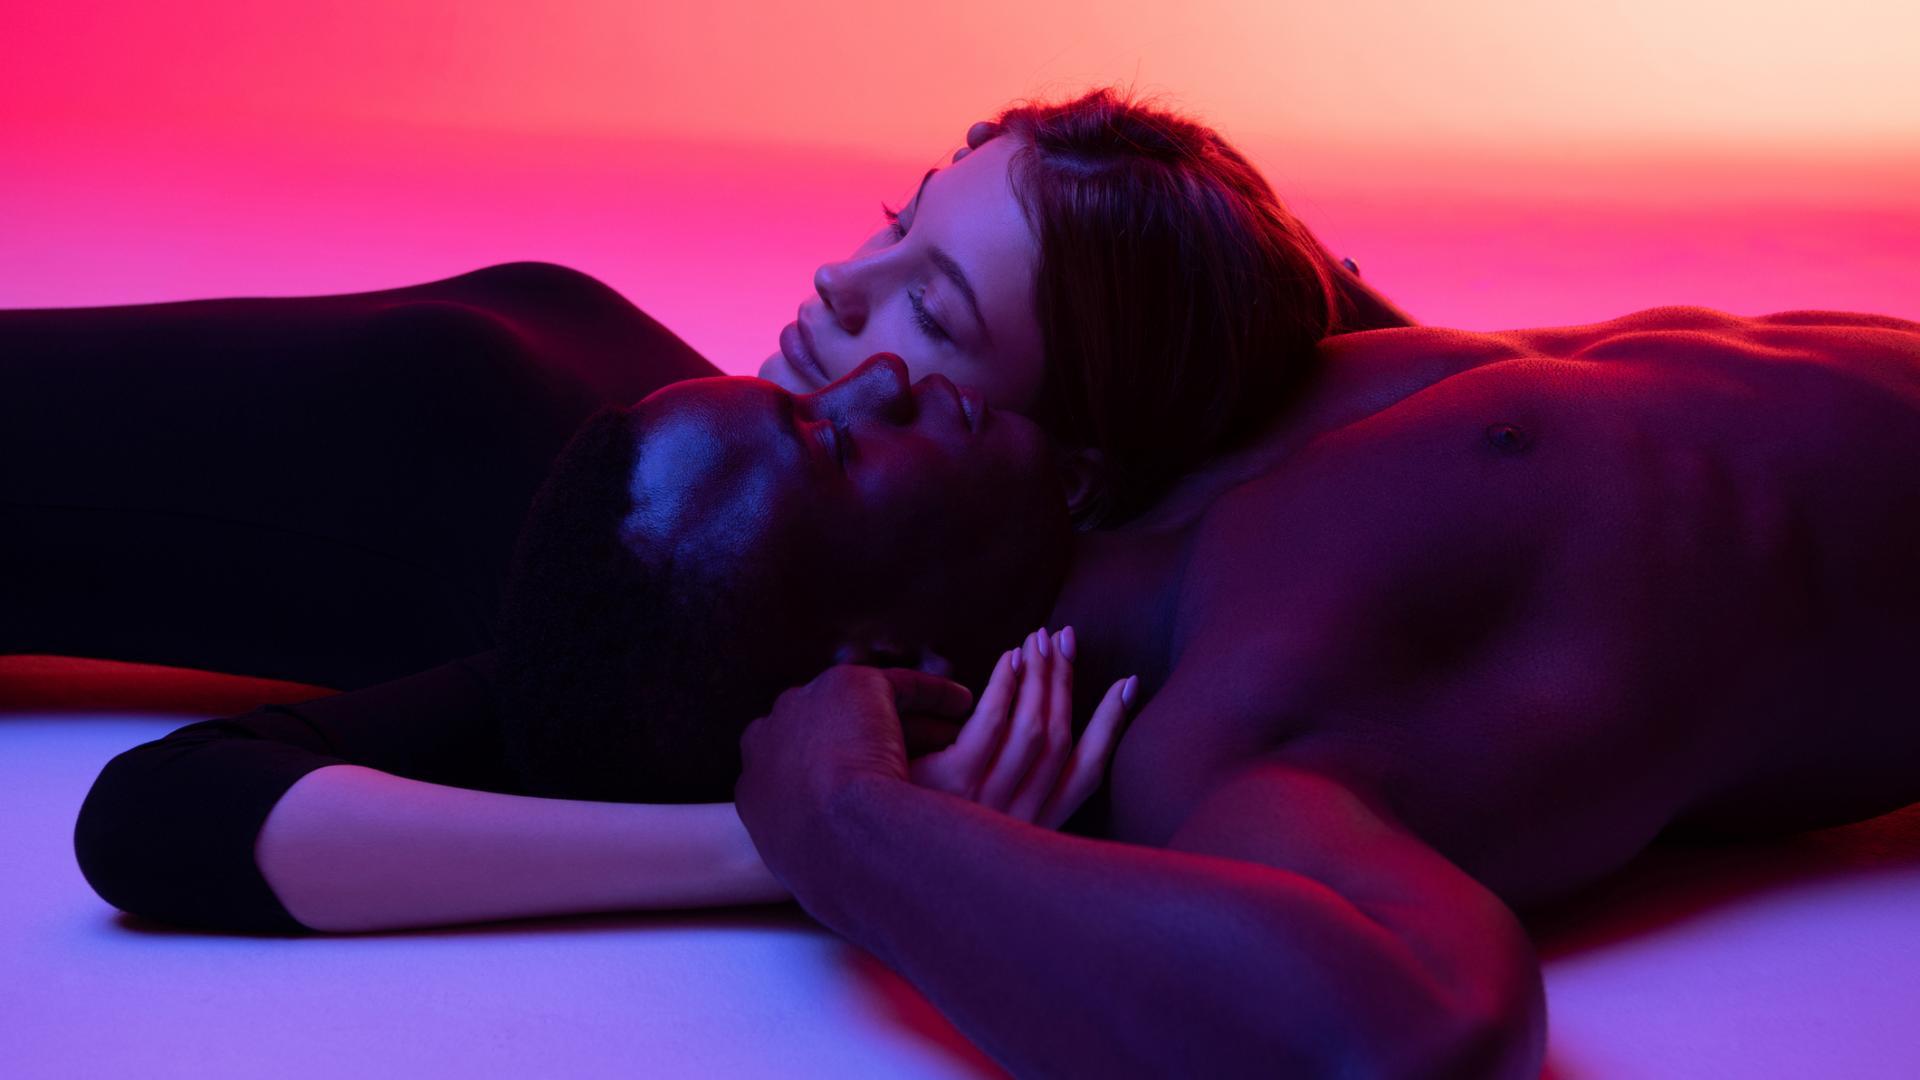 Frau und Mann Sex Buddys verliebt beziehung intim